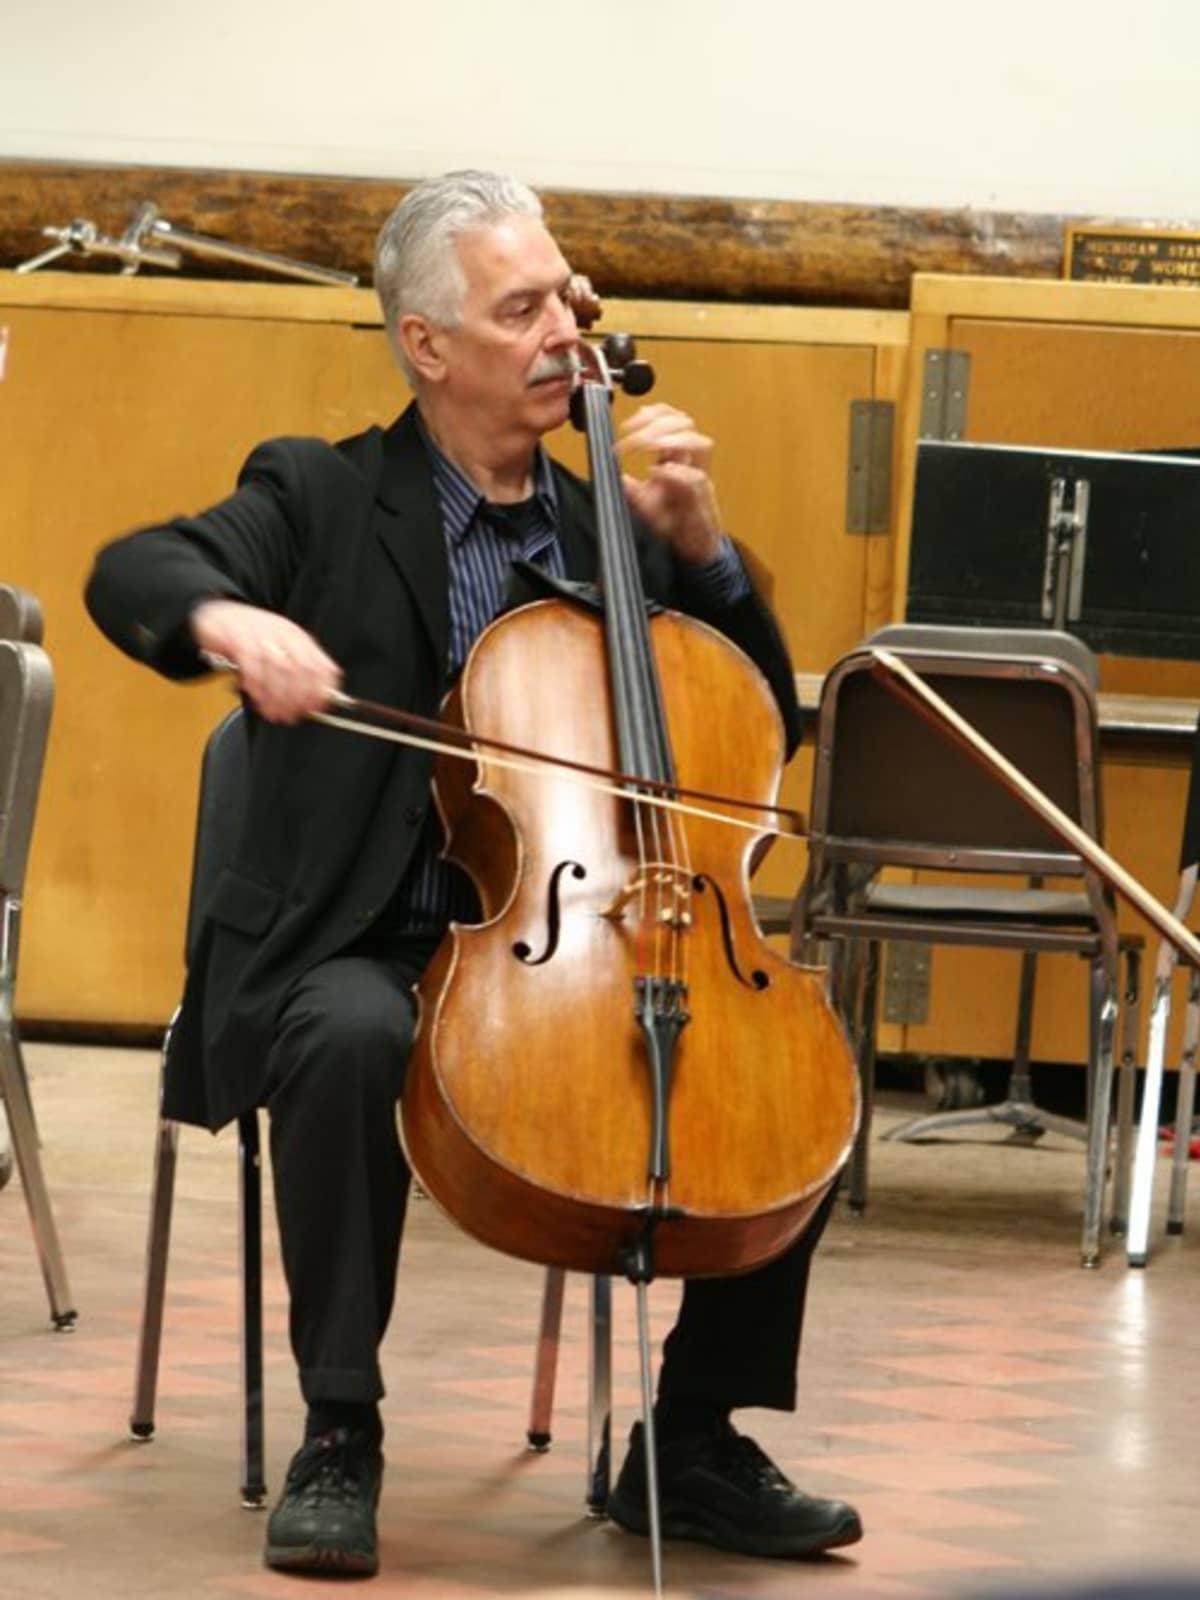 Norman Fischer